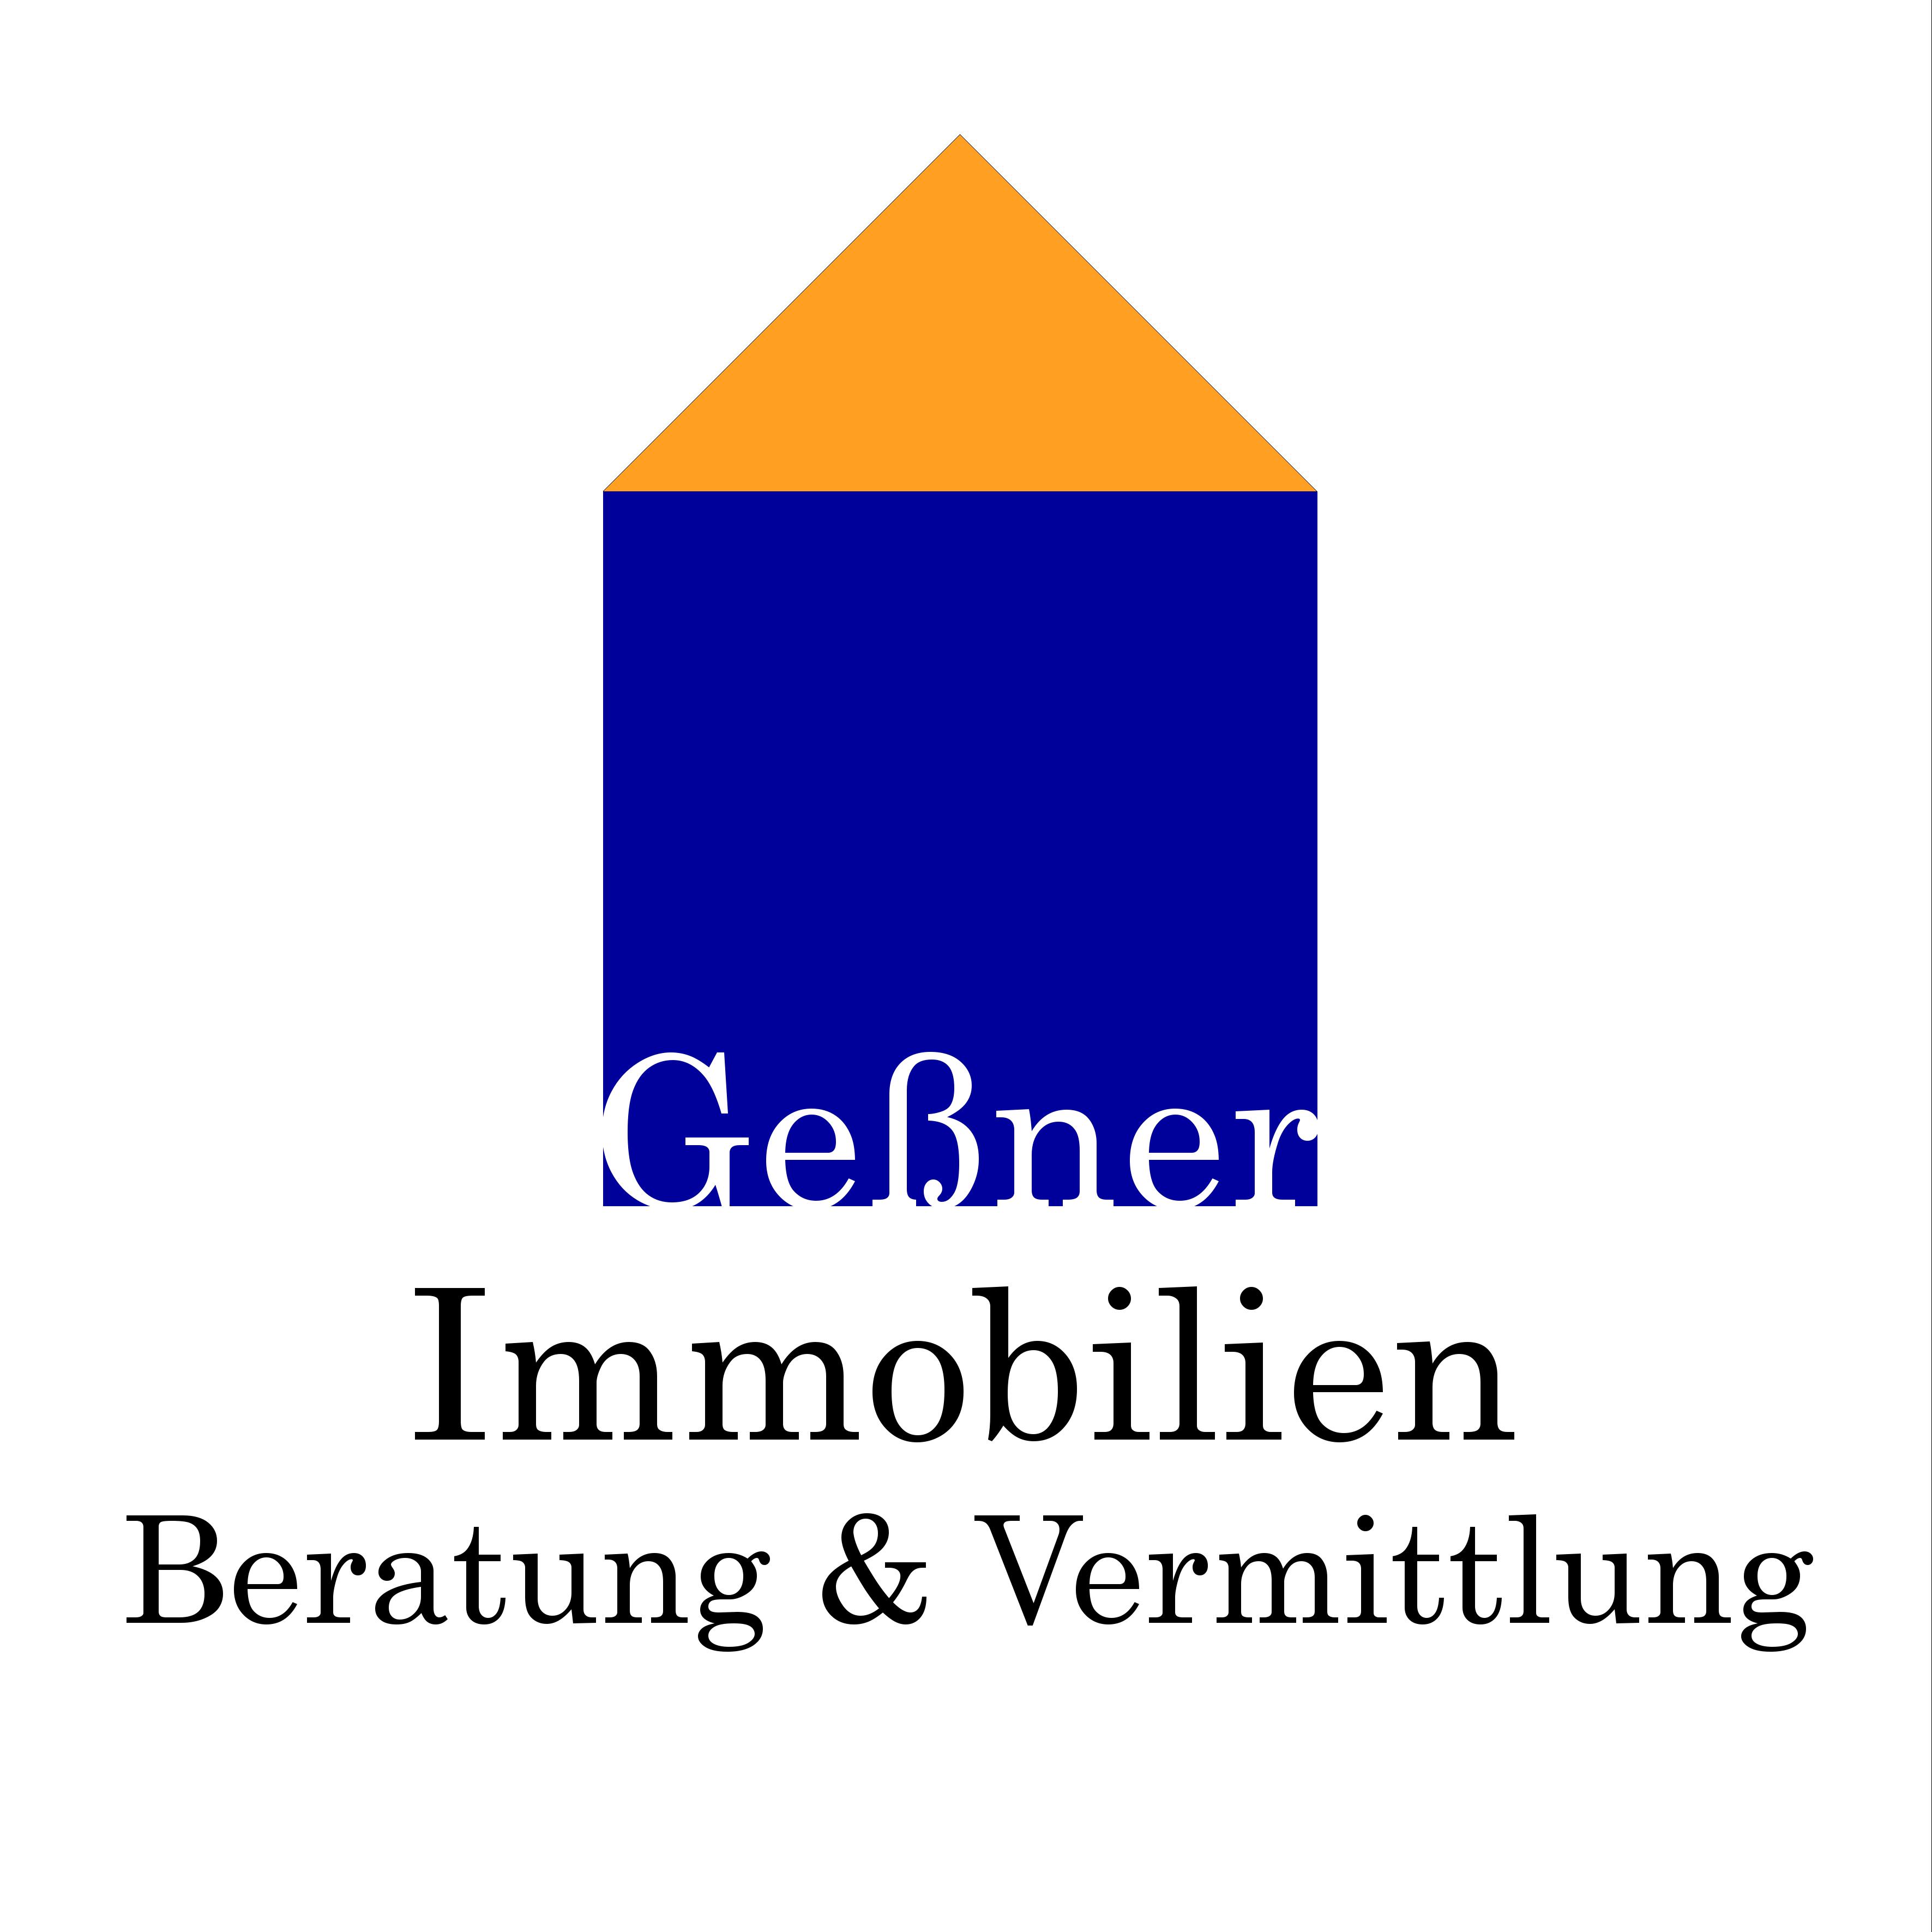 Hier sehen Sie das Logo von Geßner Immobilien